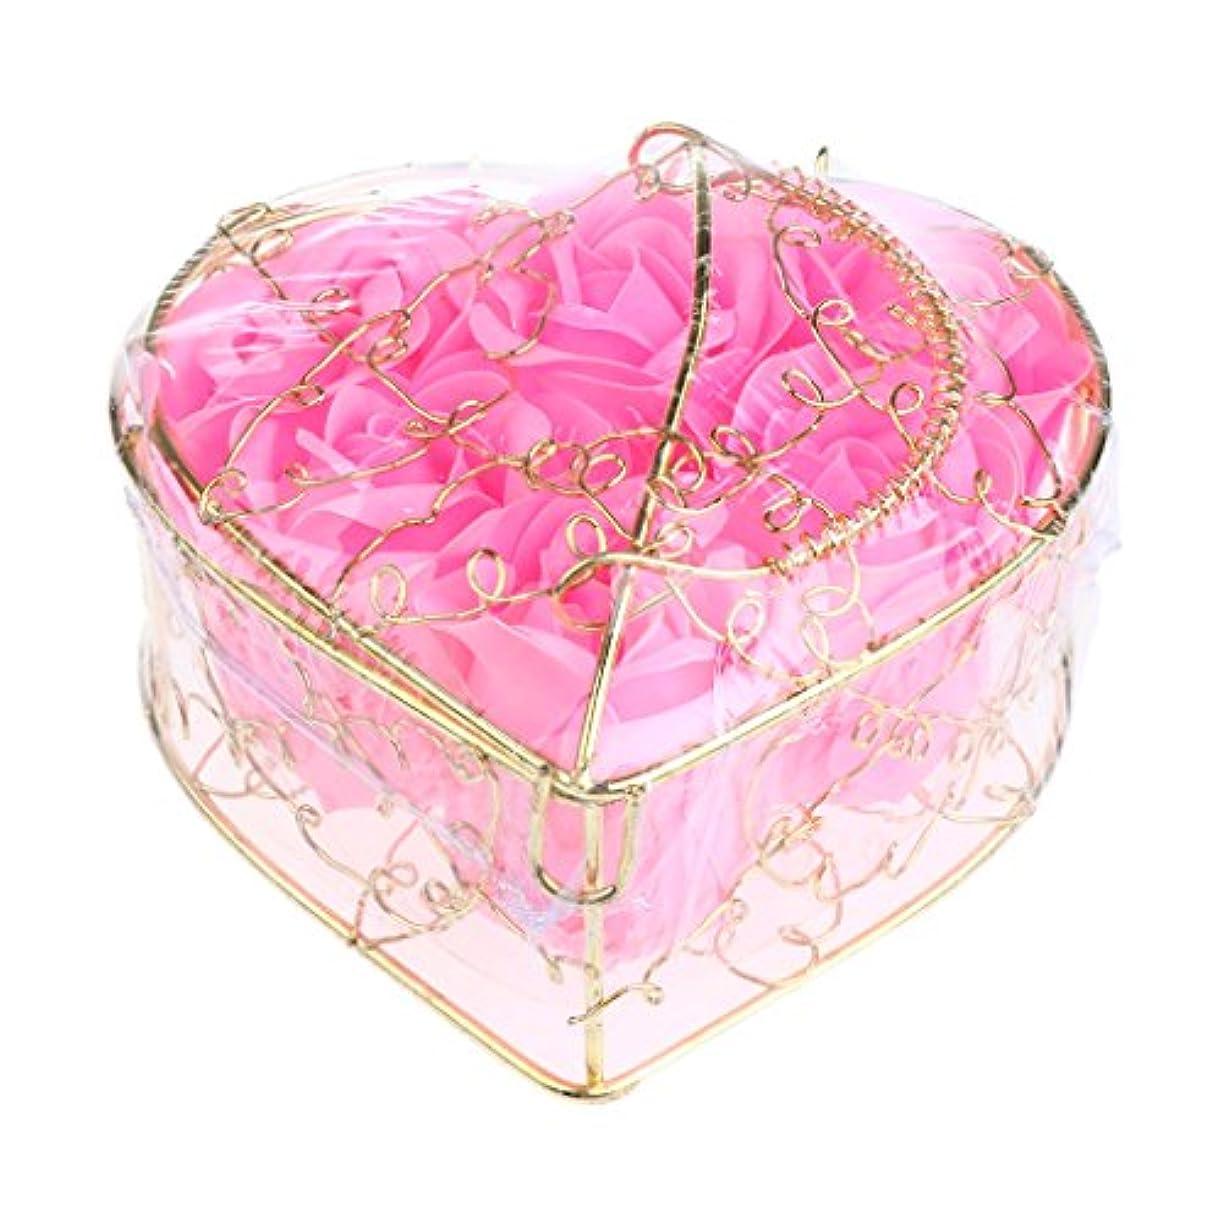 ラリーカトリック教徒メディア6個 石鹸の花 バラ 石鹸の花びら 母の日 ギフトボックス ロマンチック 全5タイプ選べる - ピンク